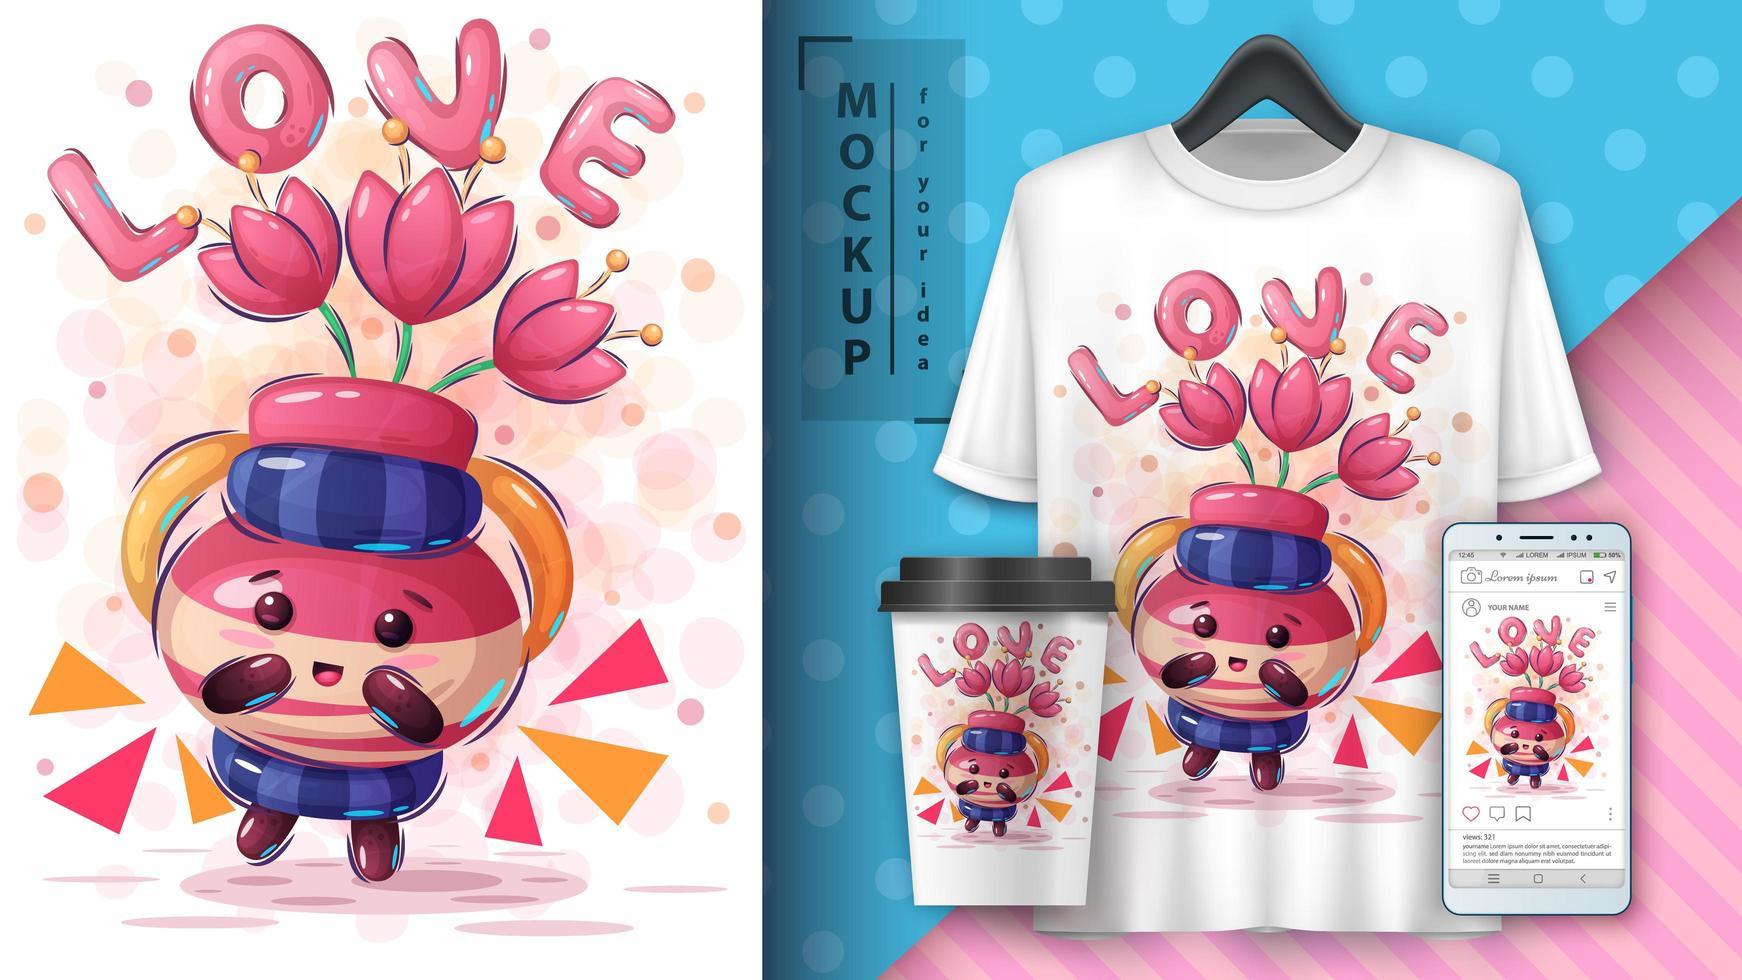 manifesto di amore del vaso di fiori del fumetto vettore